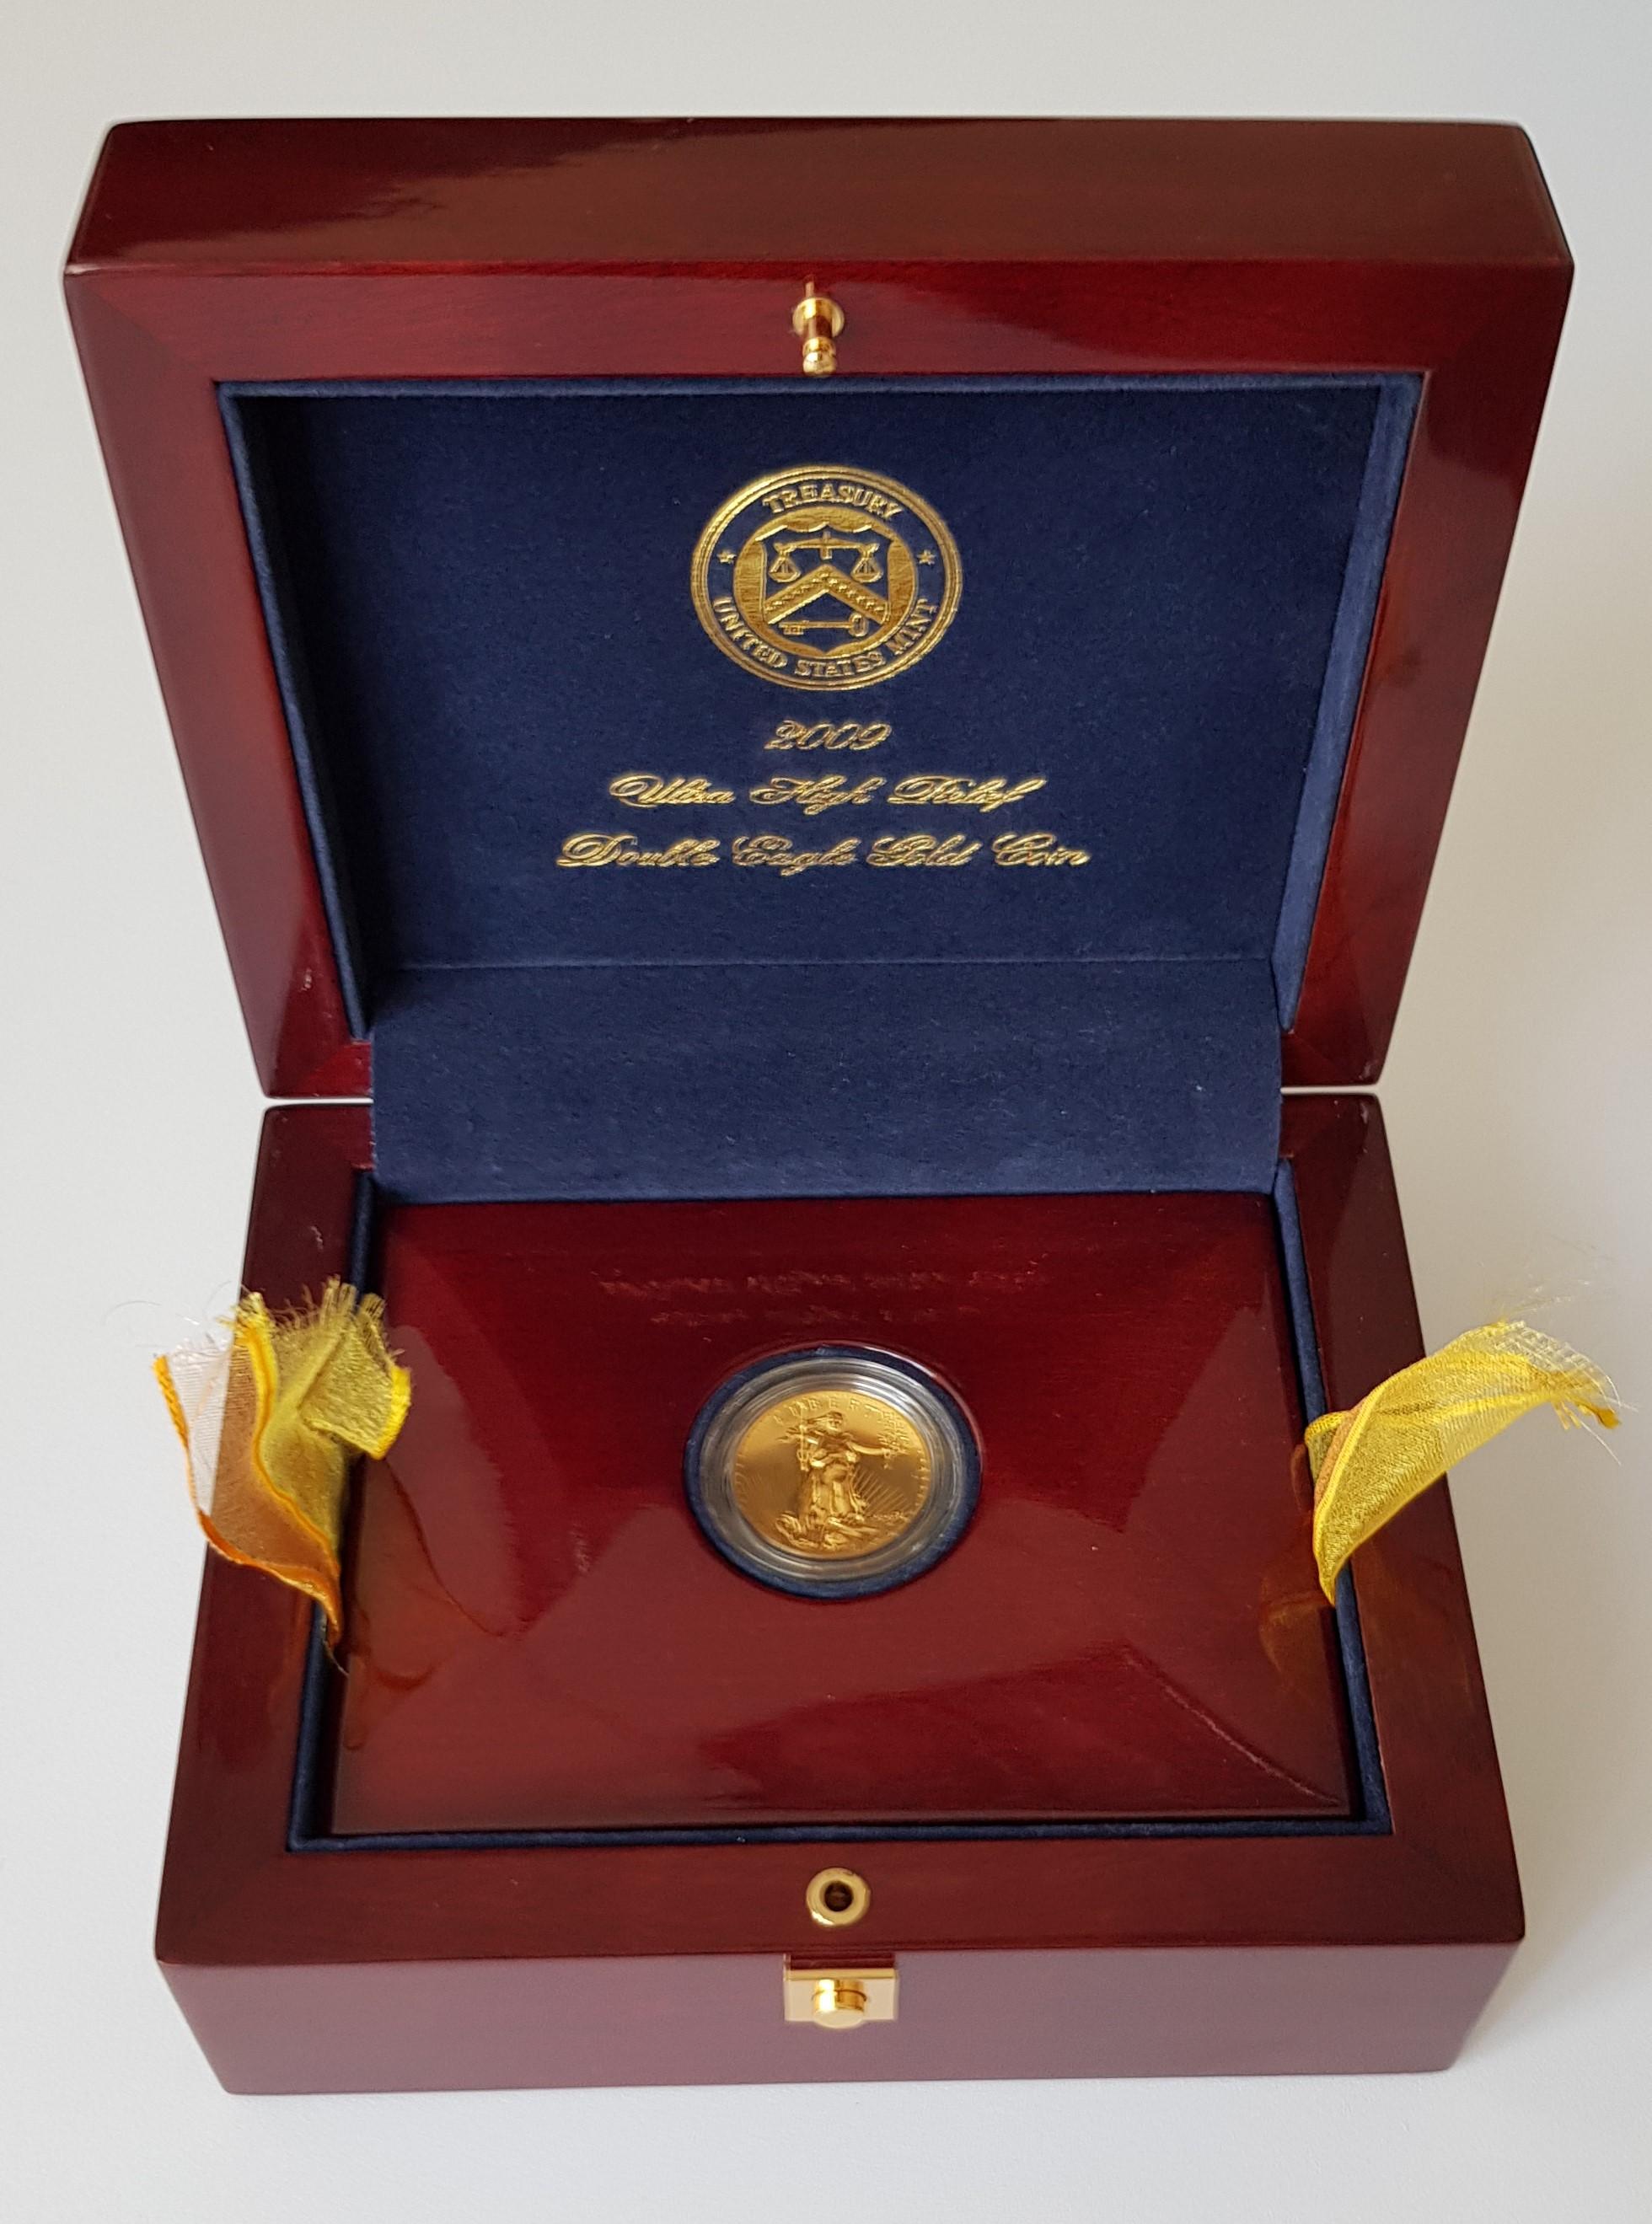 2009 Ultra High Relief Double Eagle 20 Dollar Goldmünze Saint Gaudens mit exklusiver Holzbox und Zertifikat